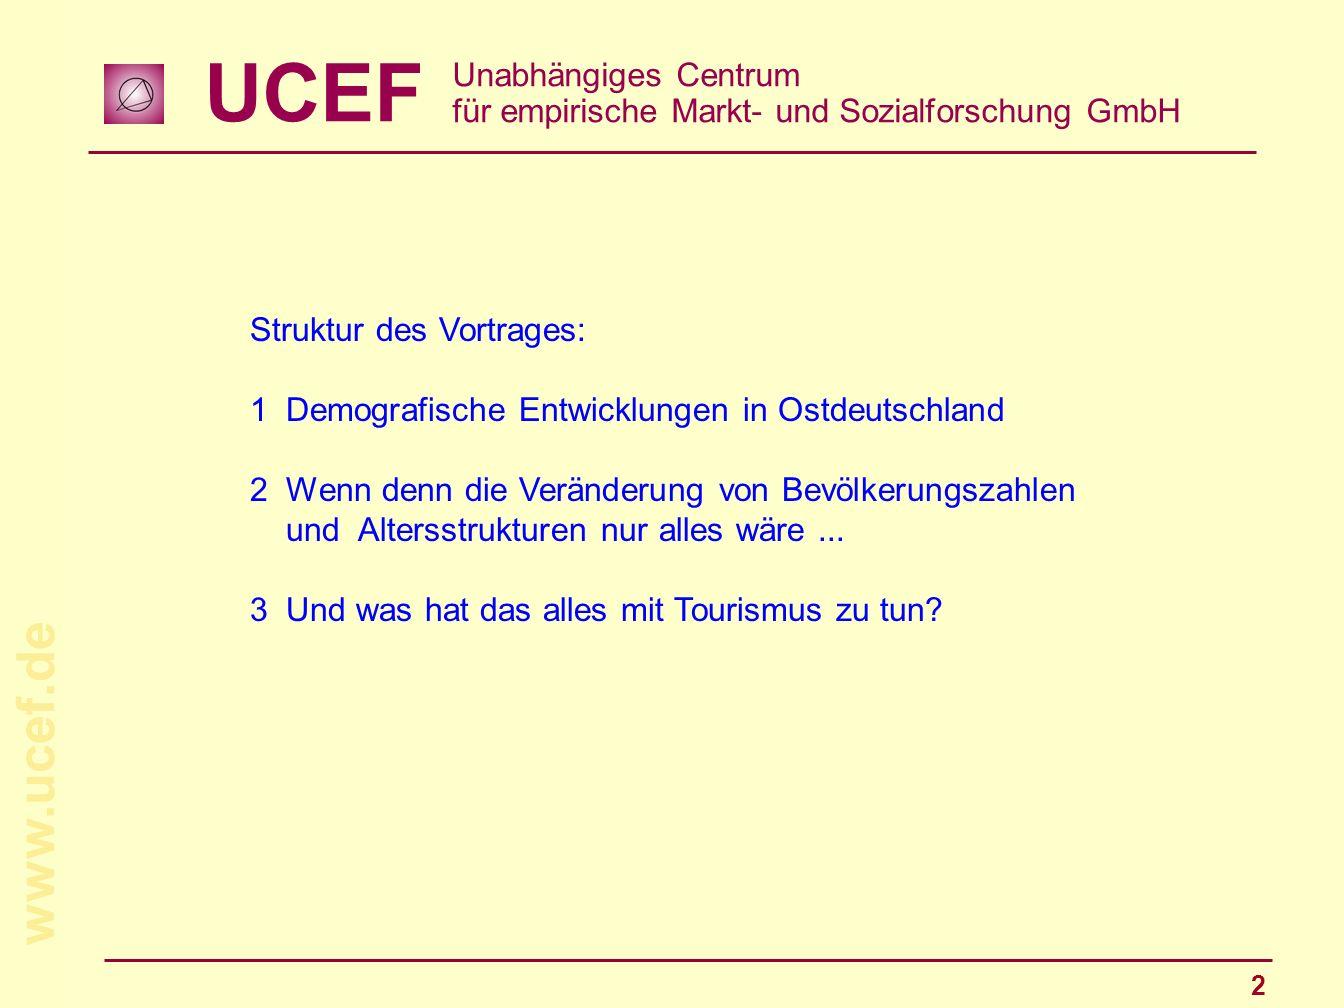 UCEF Unabhängiges Centrum für empirische Markt- und Sozialforschung GmbH www.ucef.de 2 Struktur des Vortrages: 1Demografische Entwicklungen in Ostdeut